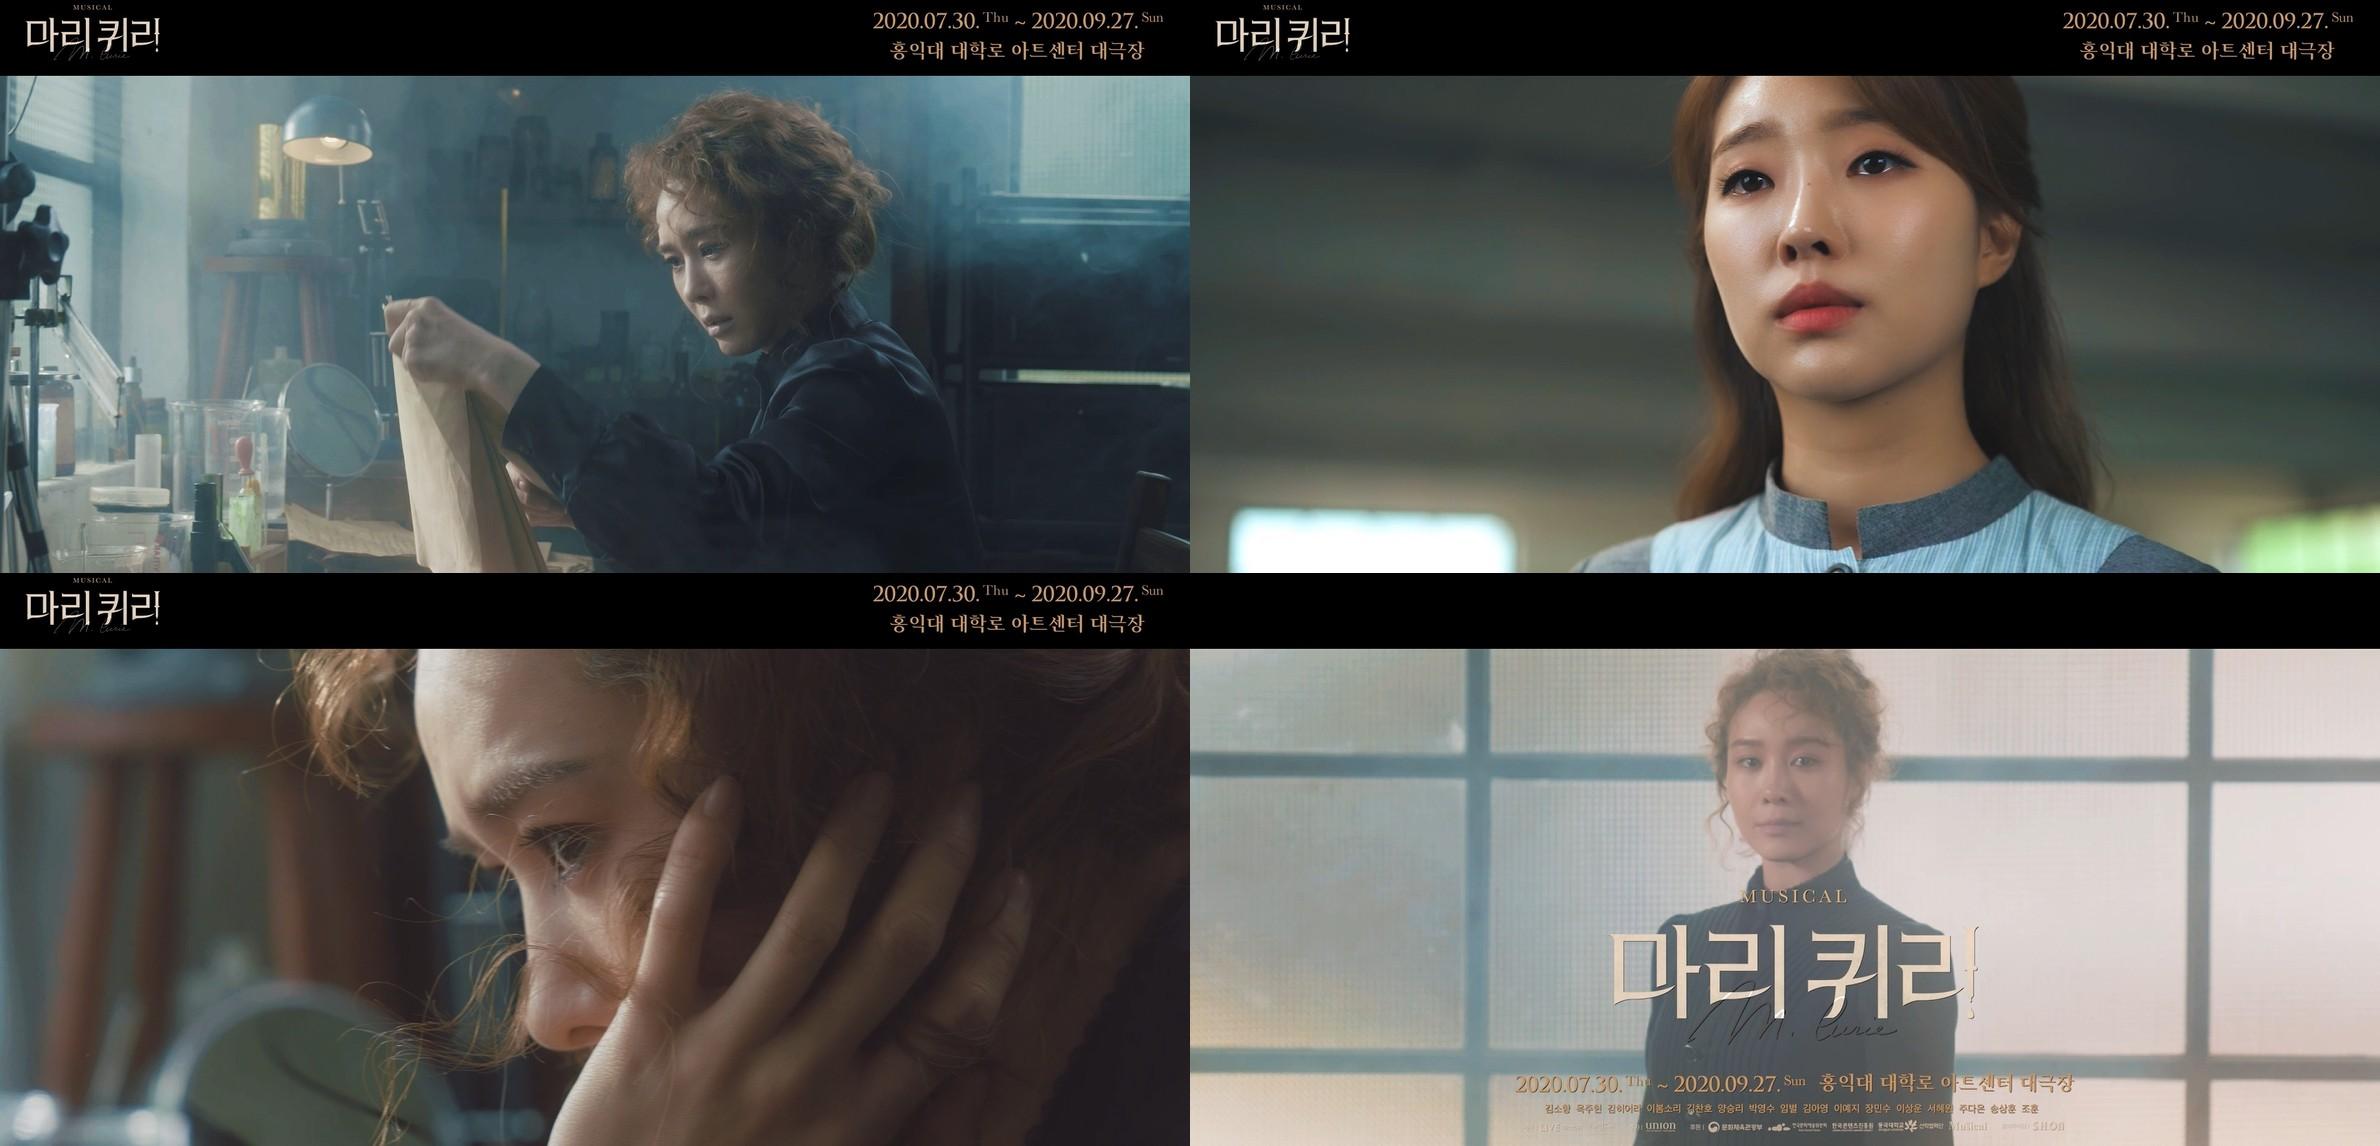 뮤지컬 '마리 퀴리', 영화 같은 예고편 공개